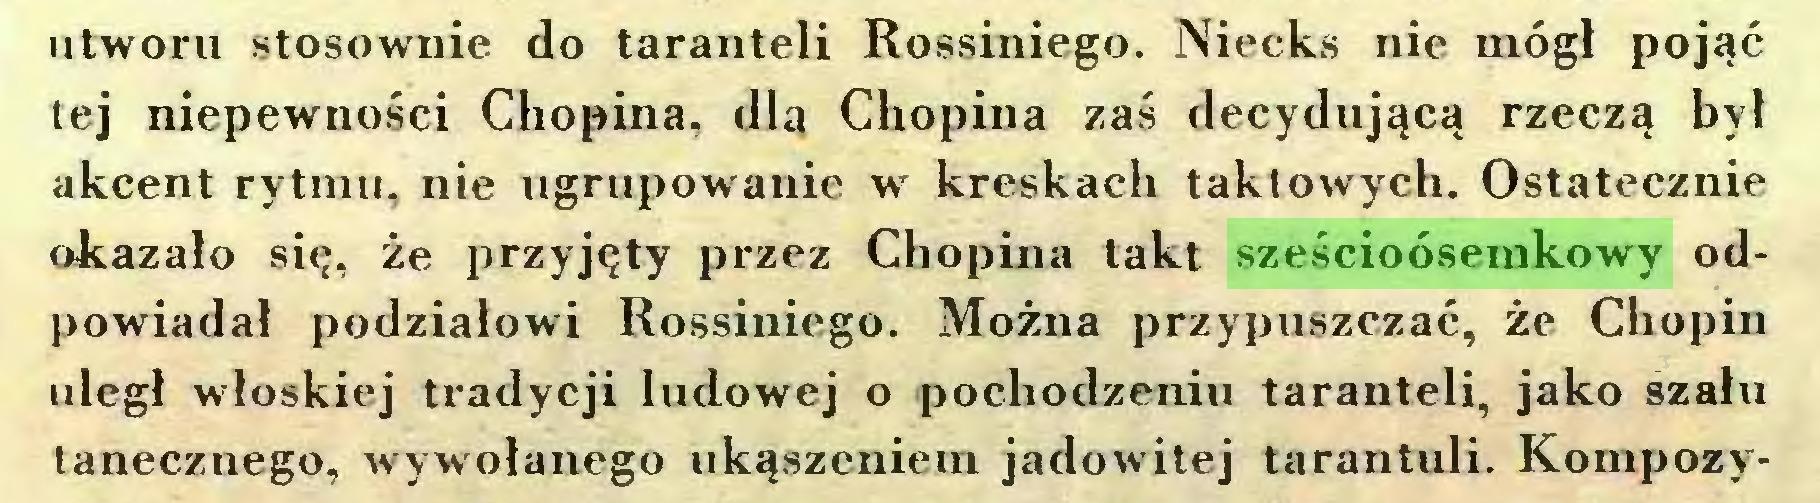 (...) utworu stosownie do taranteli Rossiniego. Niecks nie mógł pojąć tej niepewności Chopina, dla Chopina zaś decydującą rzeczą był akcent rytmu, nie ugrupowanie w kreskach taktowych. Ostatecznie okazało się, że przyjęty przez Chopina takt sześcioósemkowy odpowiadał podziałowi Rossiniego. Można przypuszczać, że Chopin uległ włoskiej tradycji ludowej o pochodzeniu taranteli, jako szału tanecznego, wywołanego ukąszeniem jadowitej tarantuli. Kompozy...